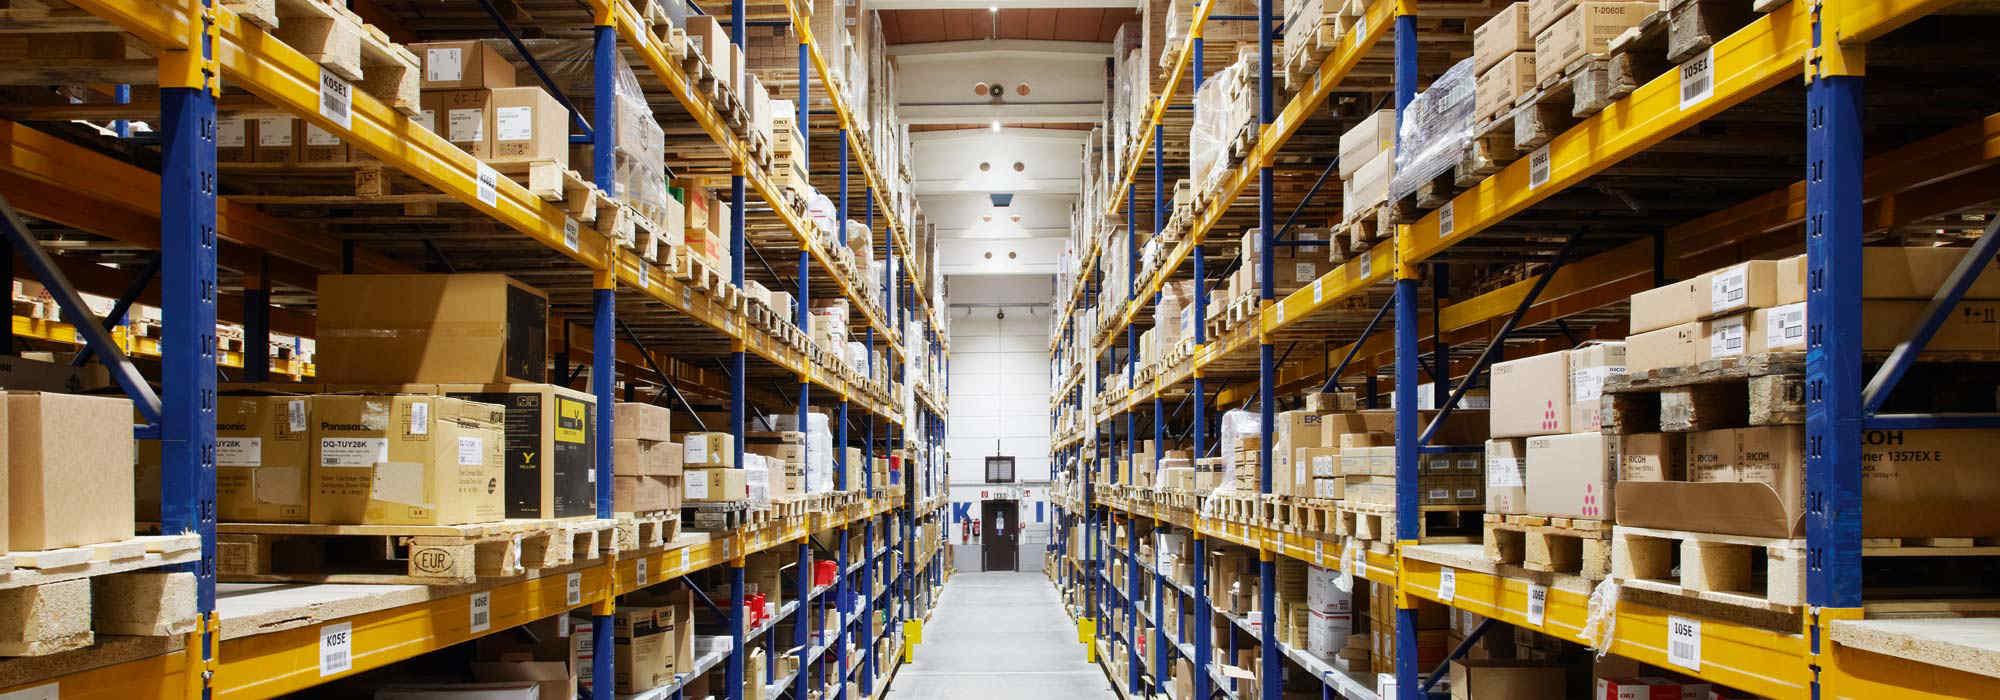 5S – Giải pháp tốt nhất cho việc sắp xếp và quản lý kho hàng